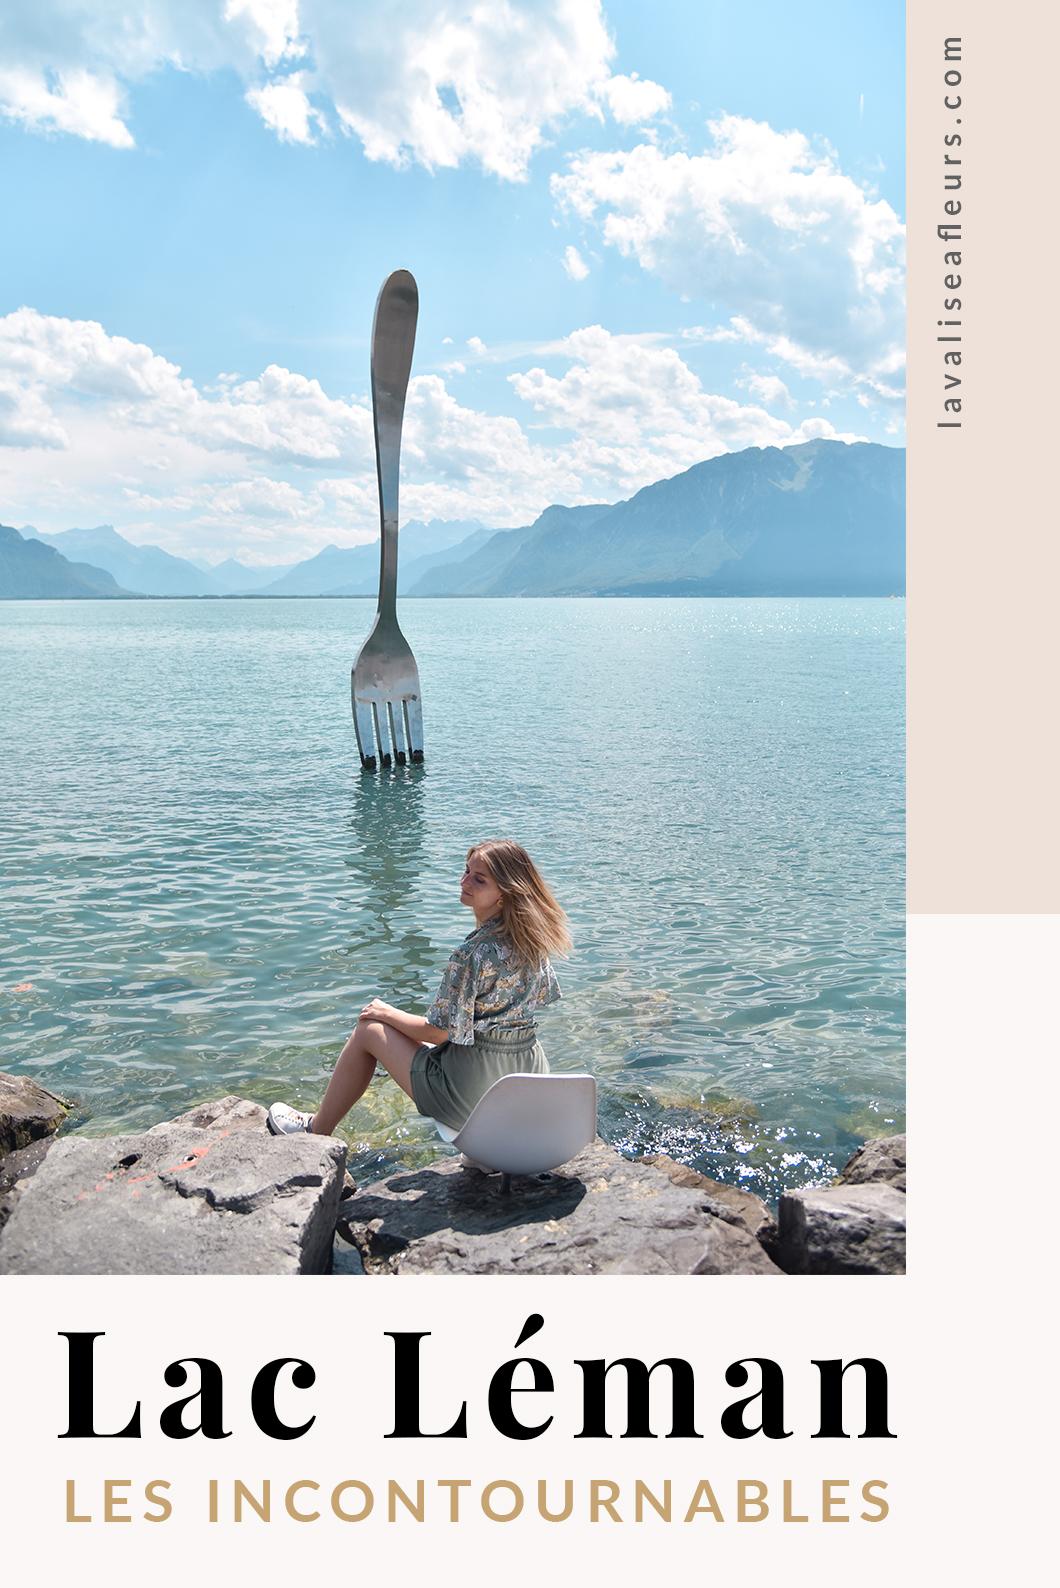 Guide de nos incontournables au Lac Léman en france et en Suisse